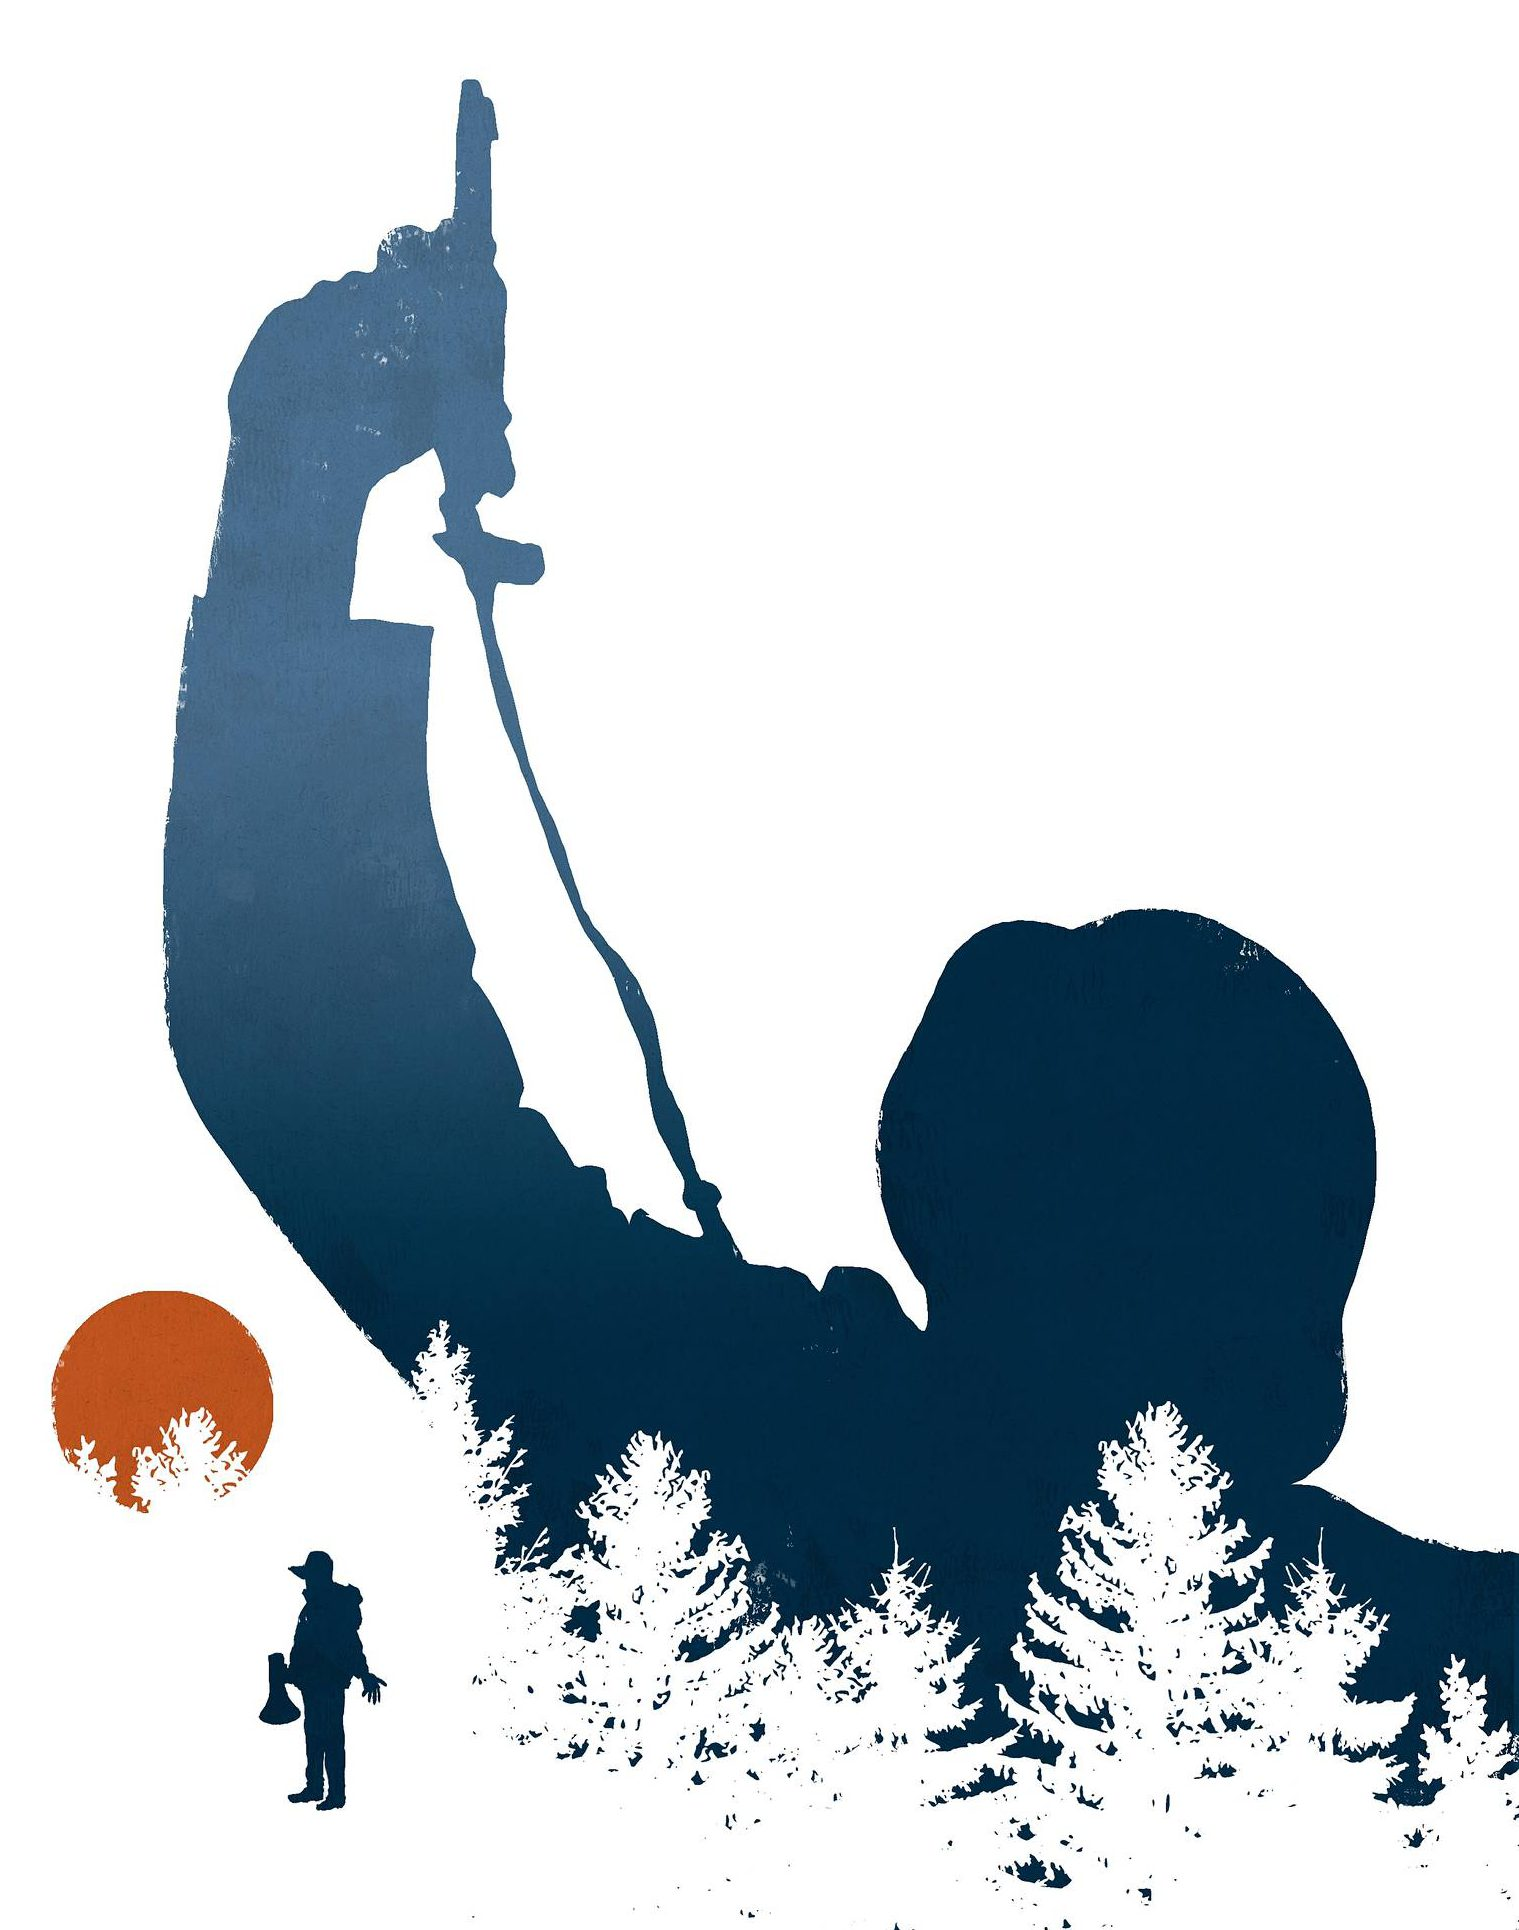 Piirroskuvitus: puiden takaa nousee tuntemattoman sotilaan hahmo, etualalla elokuvantekijä.